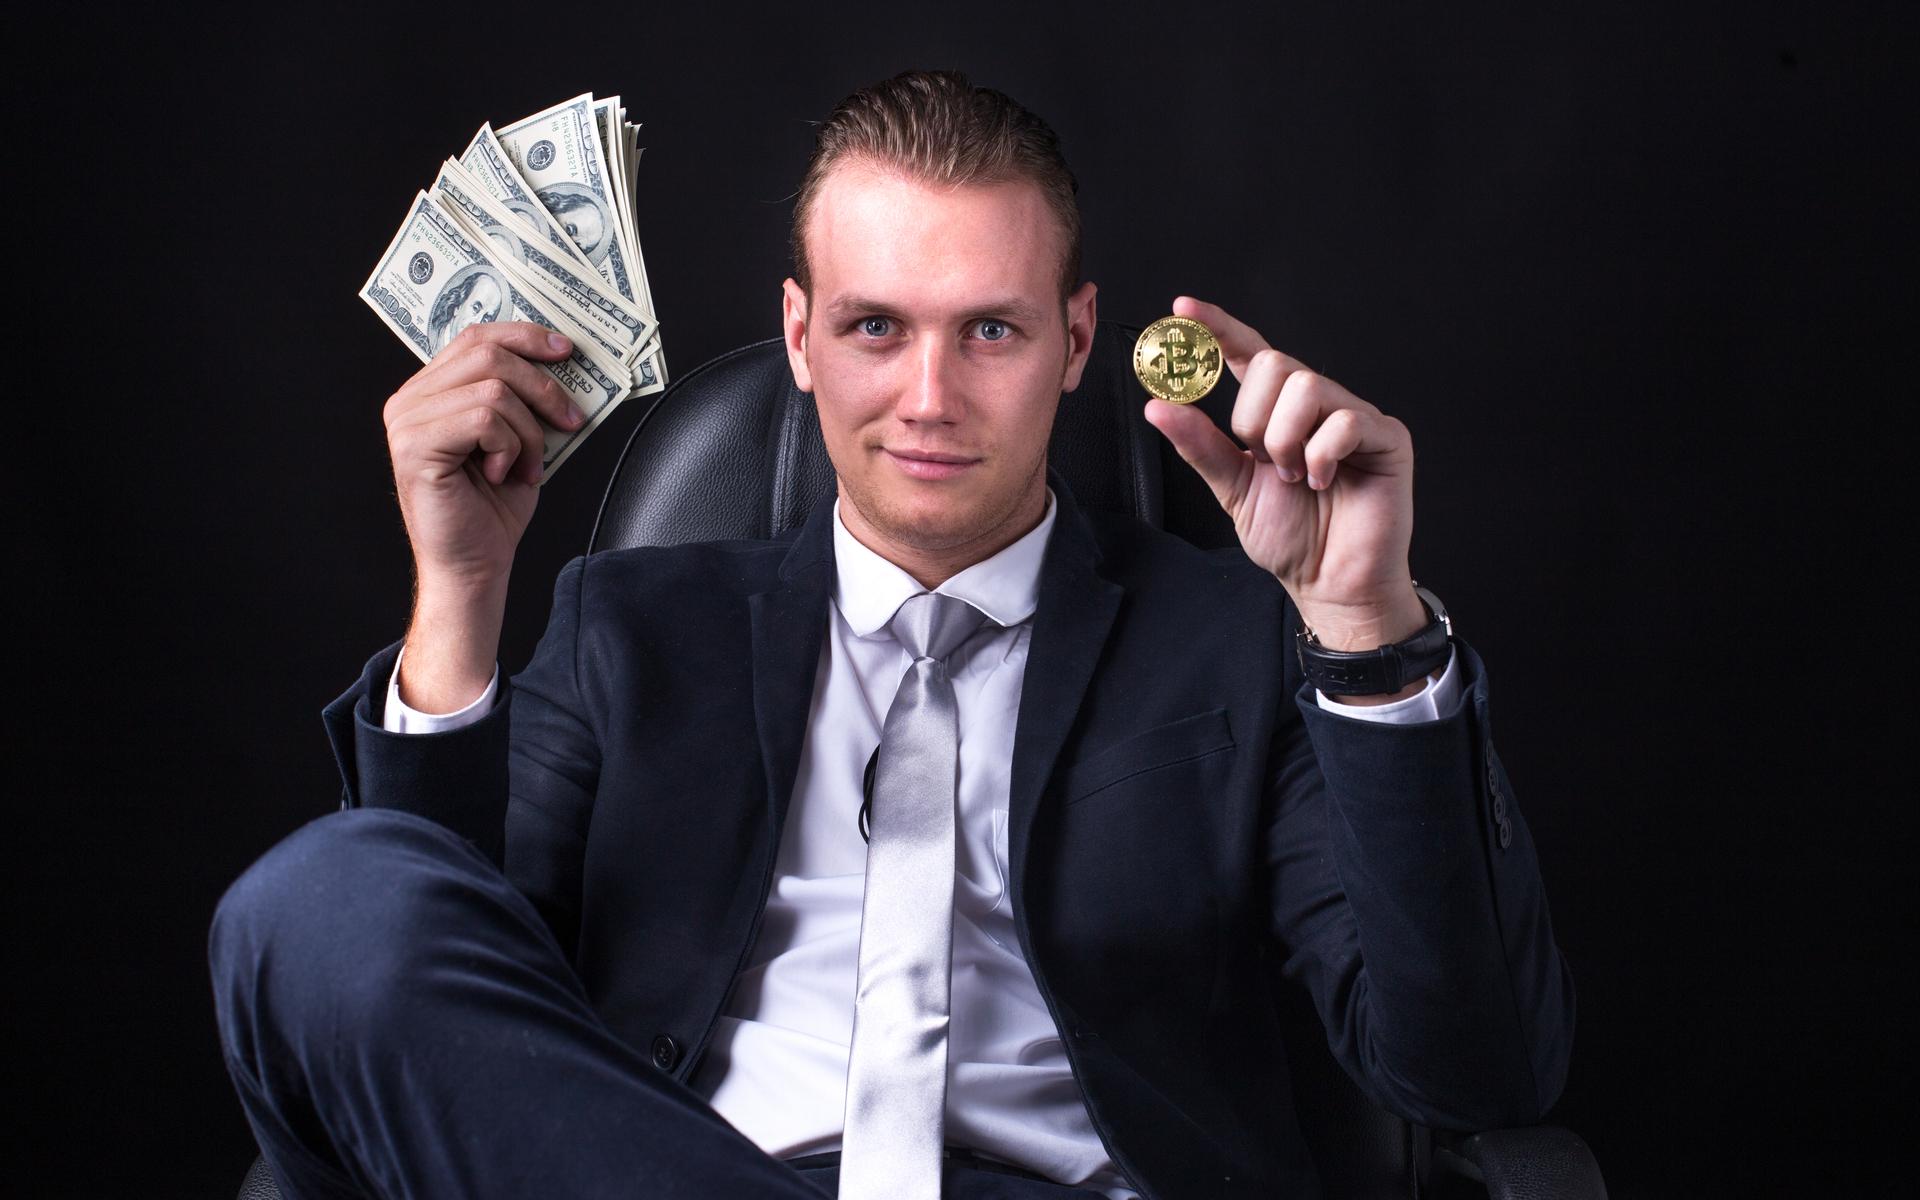 Milyarderlerin Bitcoin BTC Satın Alması İçin Gereken Fiyat Açıklandı 288.000 Dolar